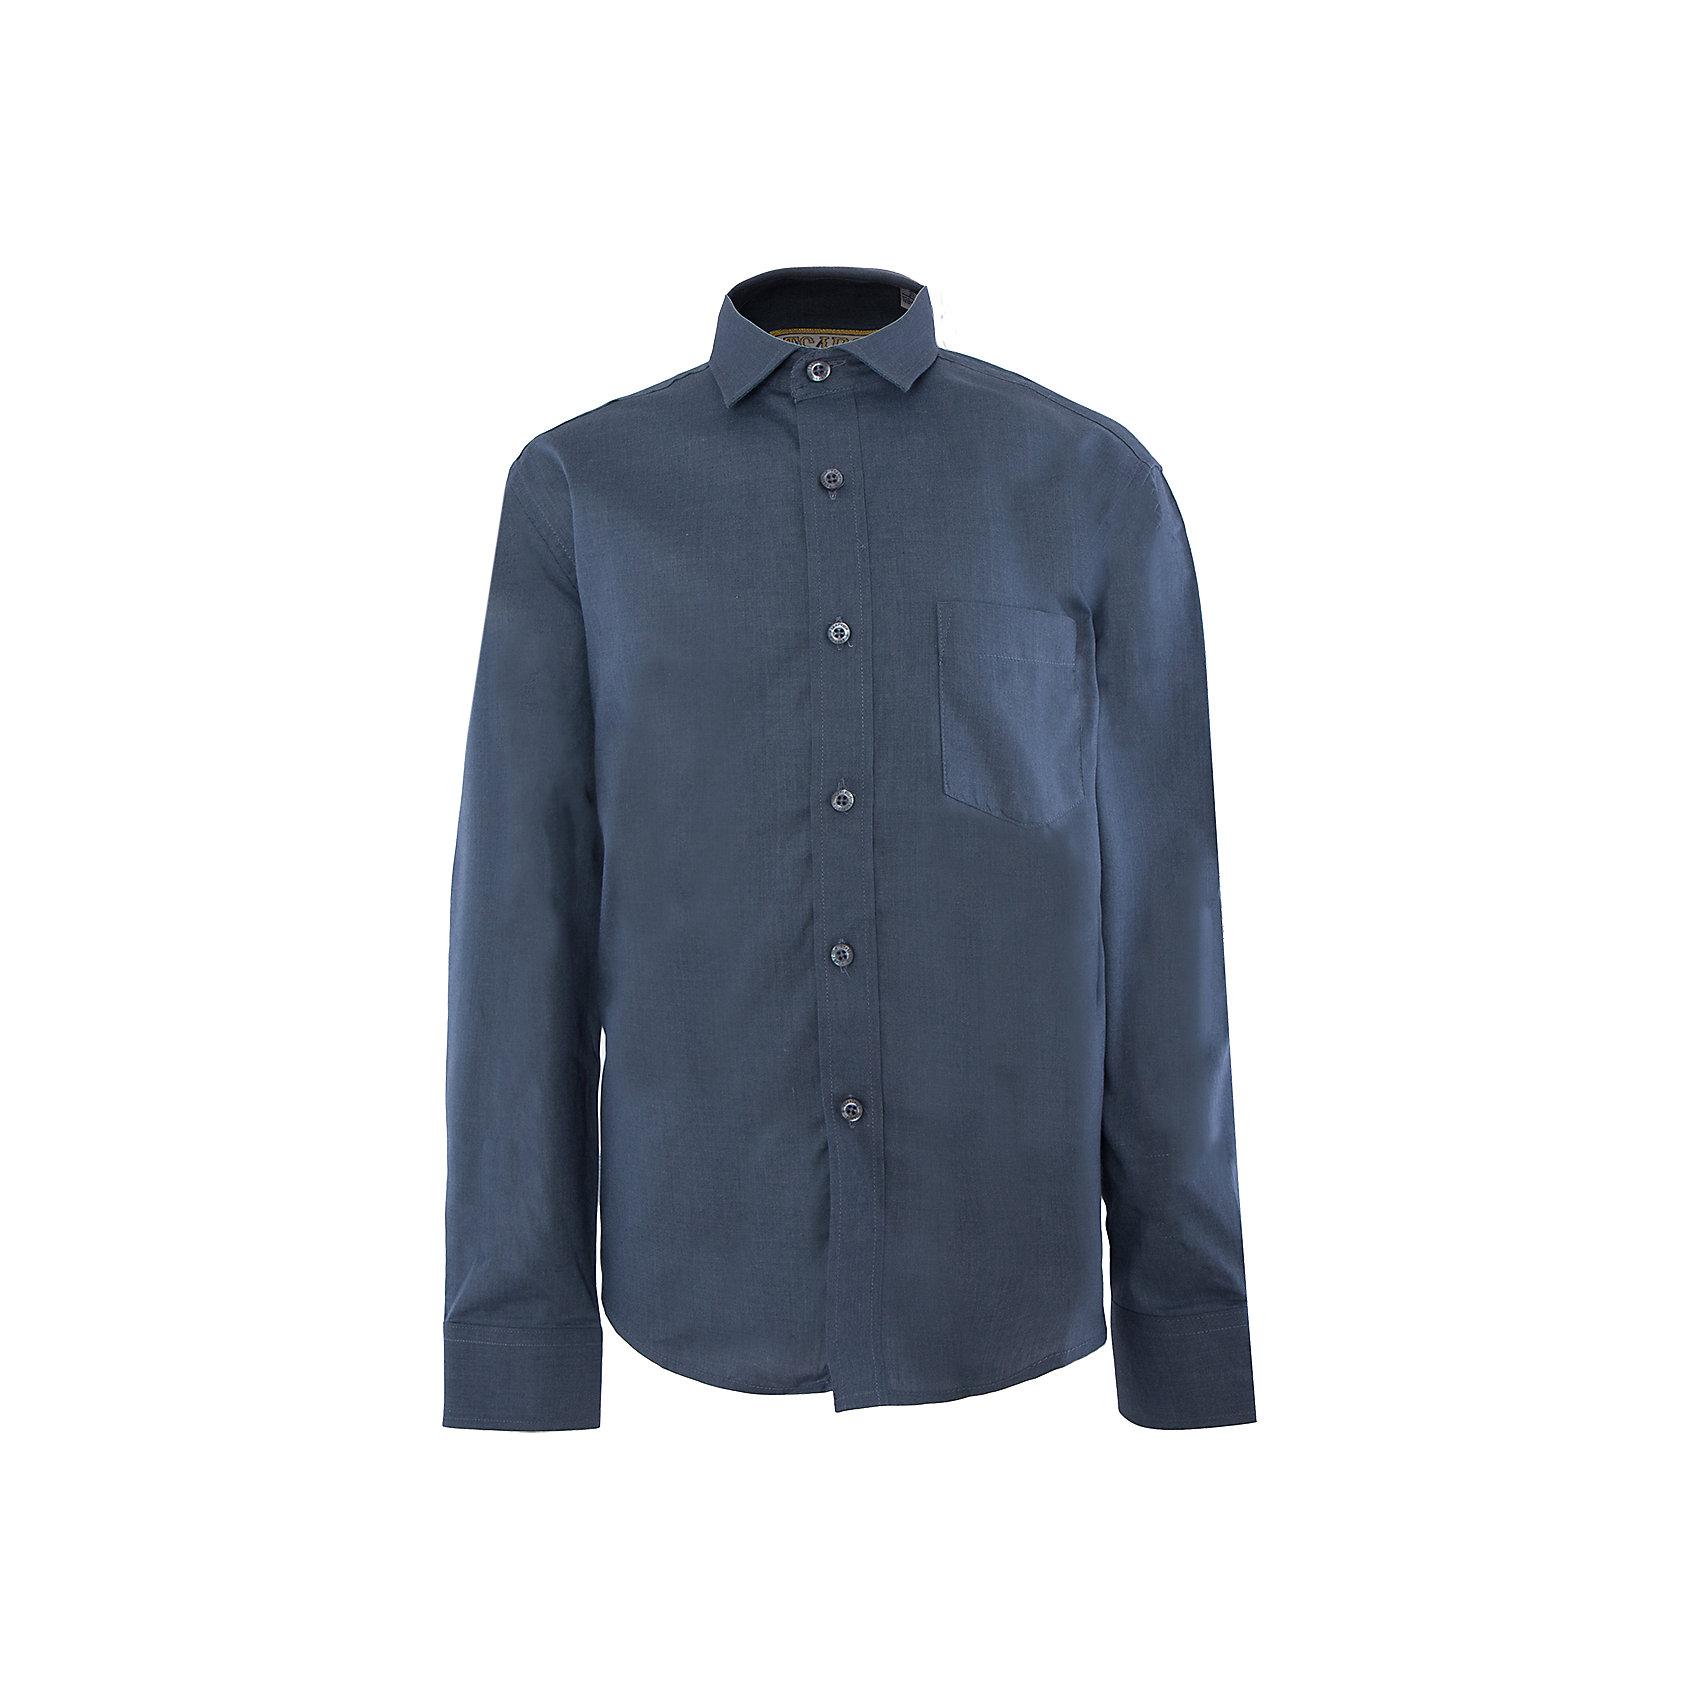 Рубашка для мальчика TsarevichБлузки и рубашки<br>Классическая рубашка - неотьемлемая вещь в гардеробе. Модель на пуговицах, с отложным воротником. Свободный покрой не стеснит движений и позволит чувствовать себя комфортно каждый день.  Состав 80 % хл. 20% П/Э<br><br>Ширина мм: 174<br>Глубина мм: 10<br>Высота мм: 169<br>Вес г: 157<br>Цвет: голубой<br>Возраст от месяцев: 168<br>Возраст до месяцев: 180<br>Пол: Мужской<br>Возраст: Детский<br>Размер: 158,164,170,128,134,140,146,152,152,158<br>SKU: 4749337